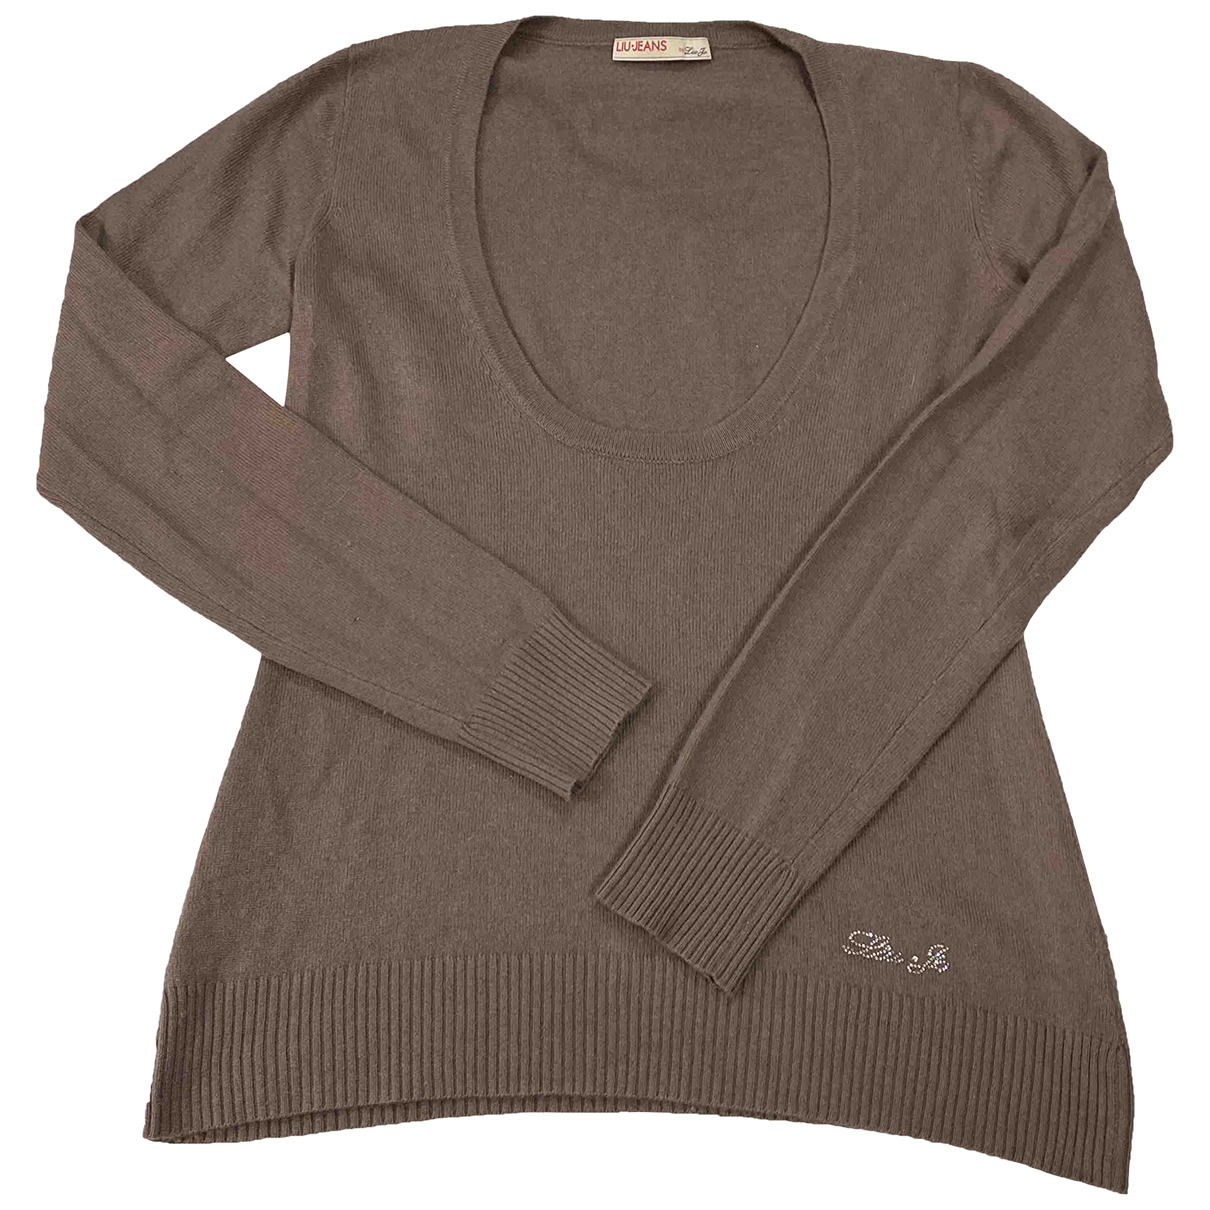 Liu.jo \N Cashmere Knitwear for Women XXS International